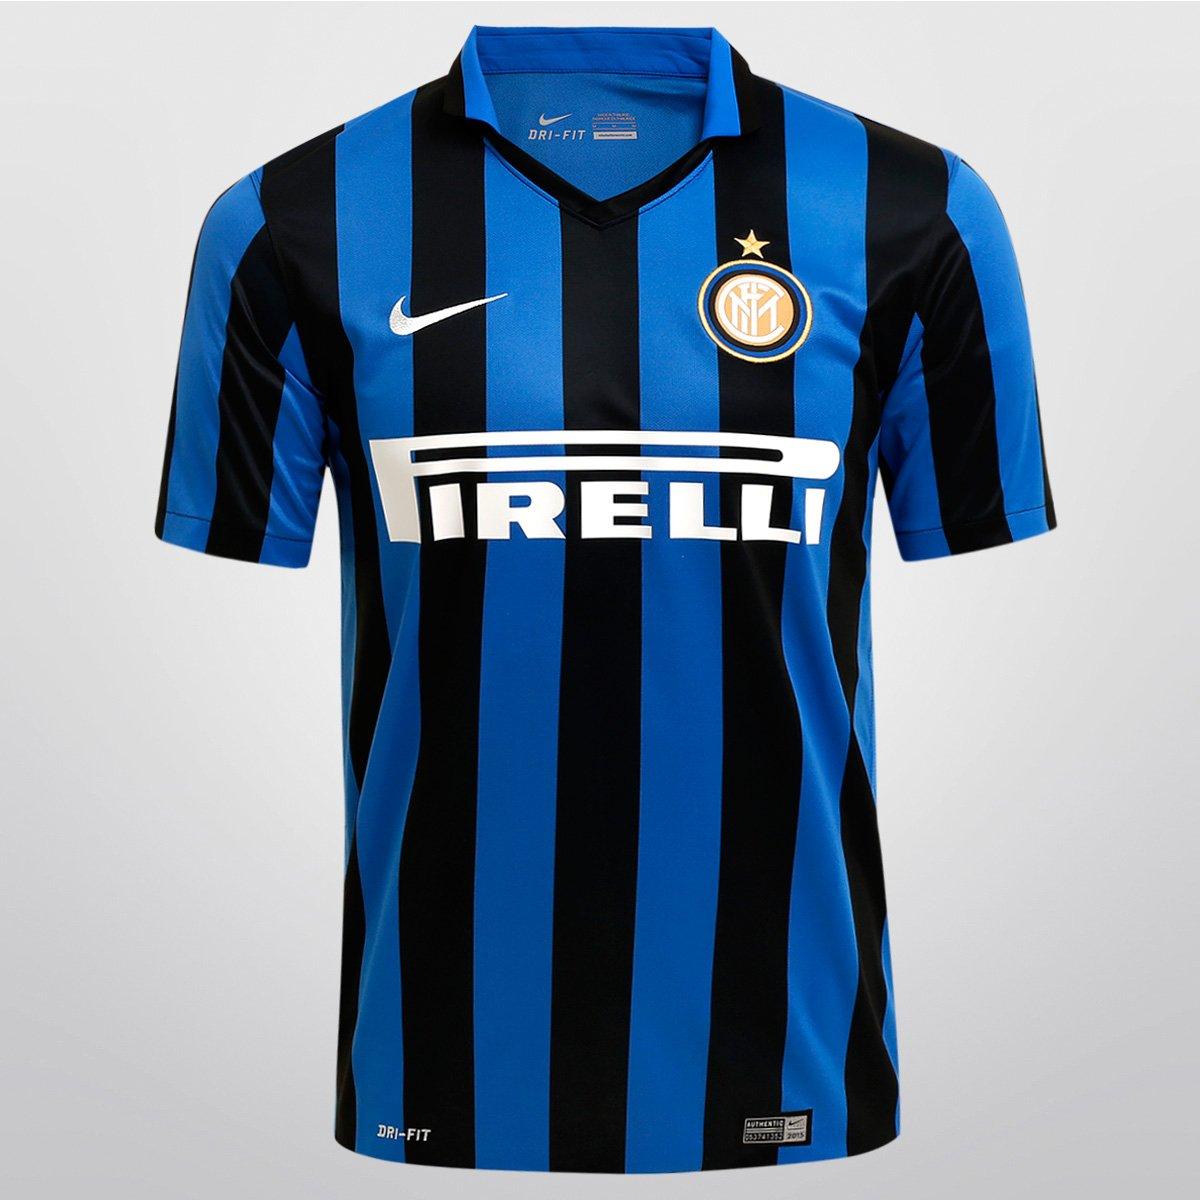 2b93c6bd73 Camisa Nike Inter de Milão Home 15 16 s nº - Compre Agora